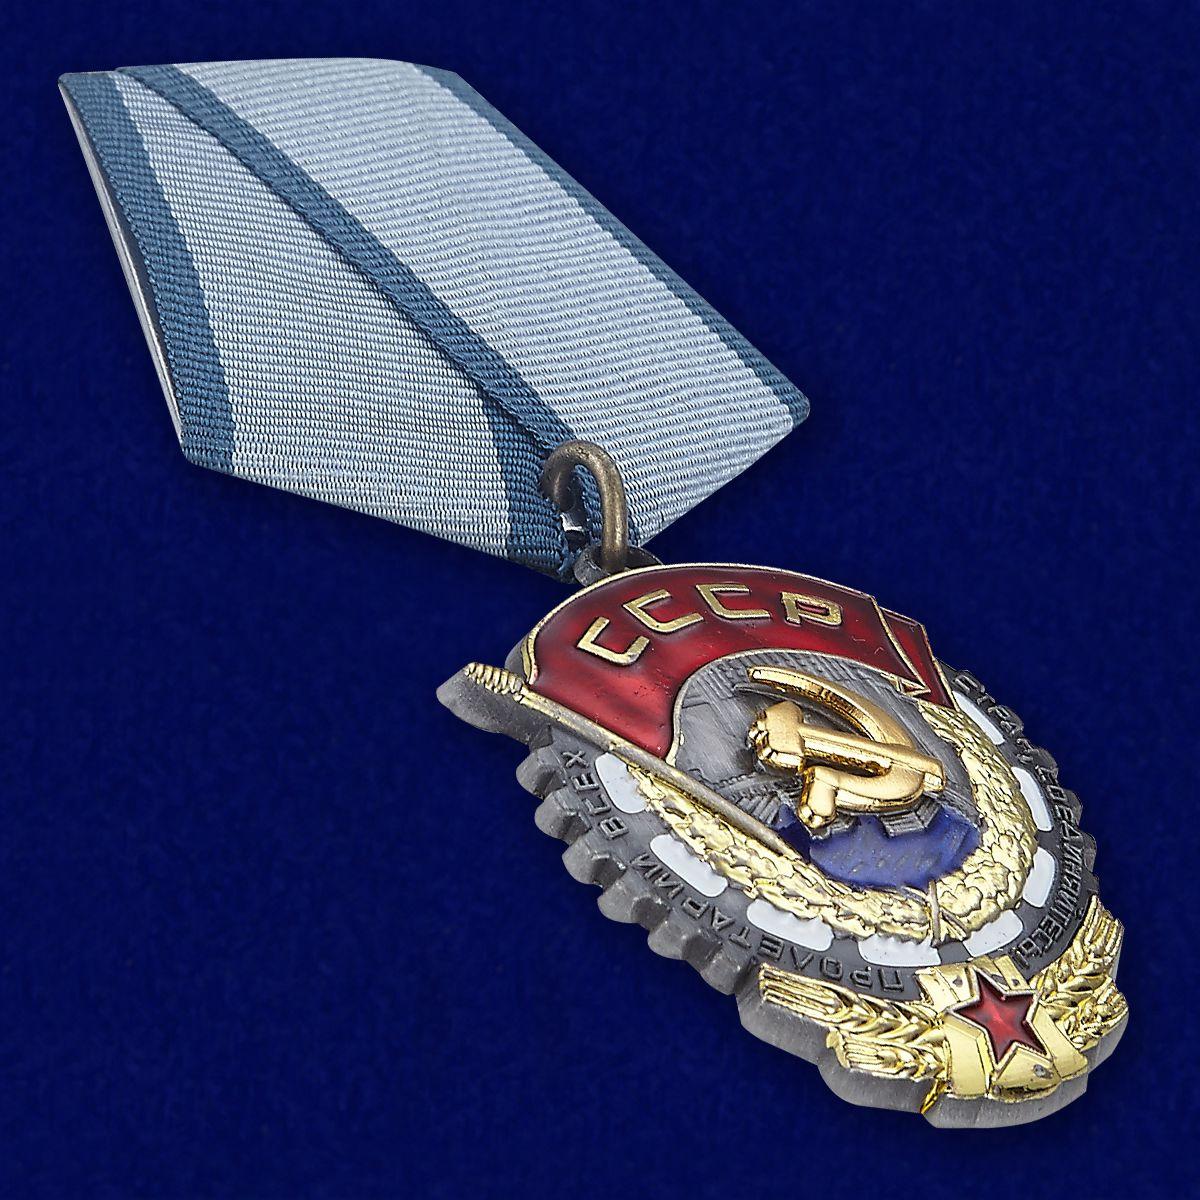 Орден Трудового Красного знамени СССР на колодке